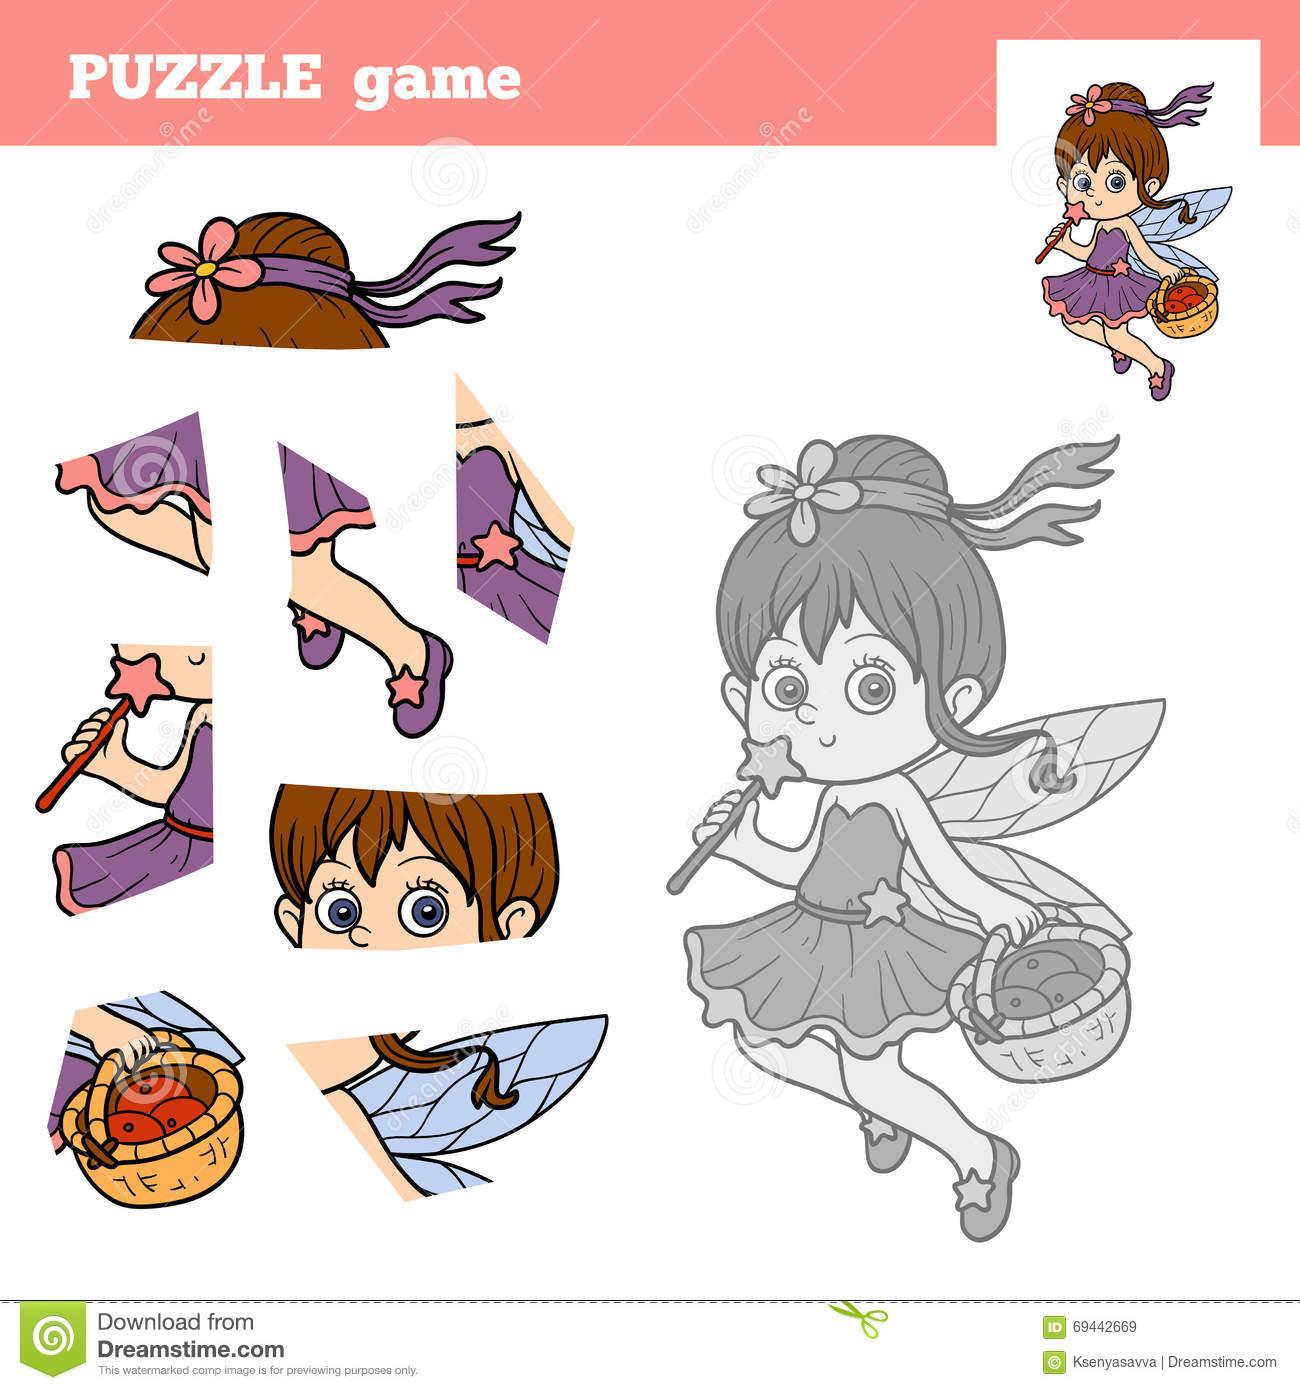 Jeux De Puzzle De Fee Telecharger | Denmonasse.ml destiné Puzzle Gratuit Enfant